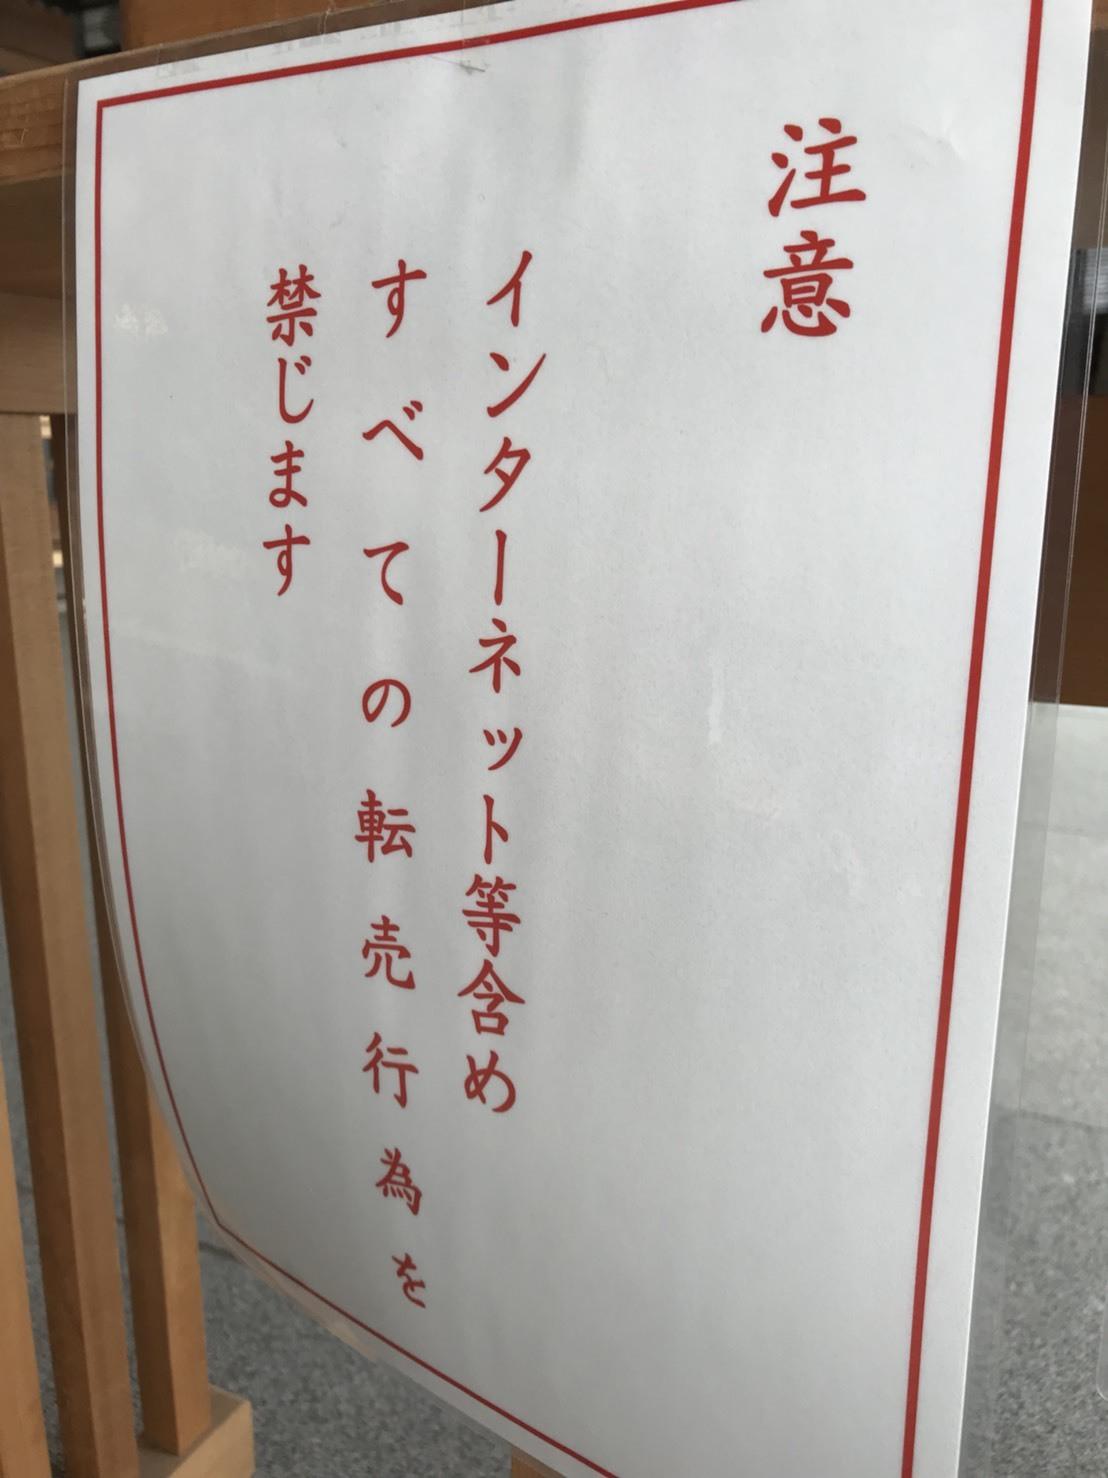 6月1日(金)トミー本店ブログ☆ 新メンバー登場!!ランドクルーザー、どんな車も!トミーモータース_b0127002_18081274.jpg